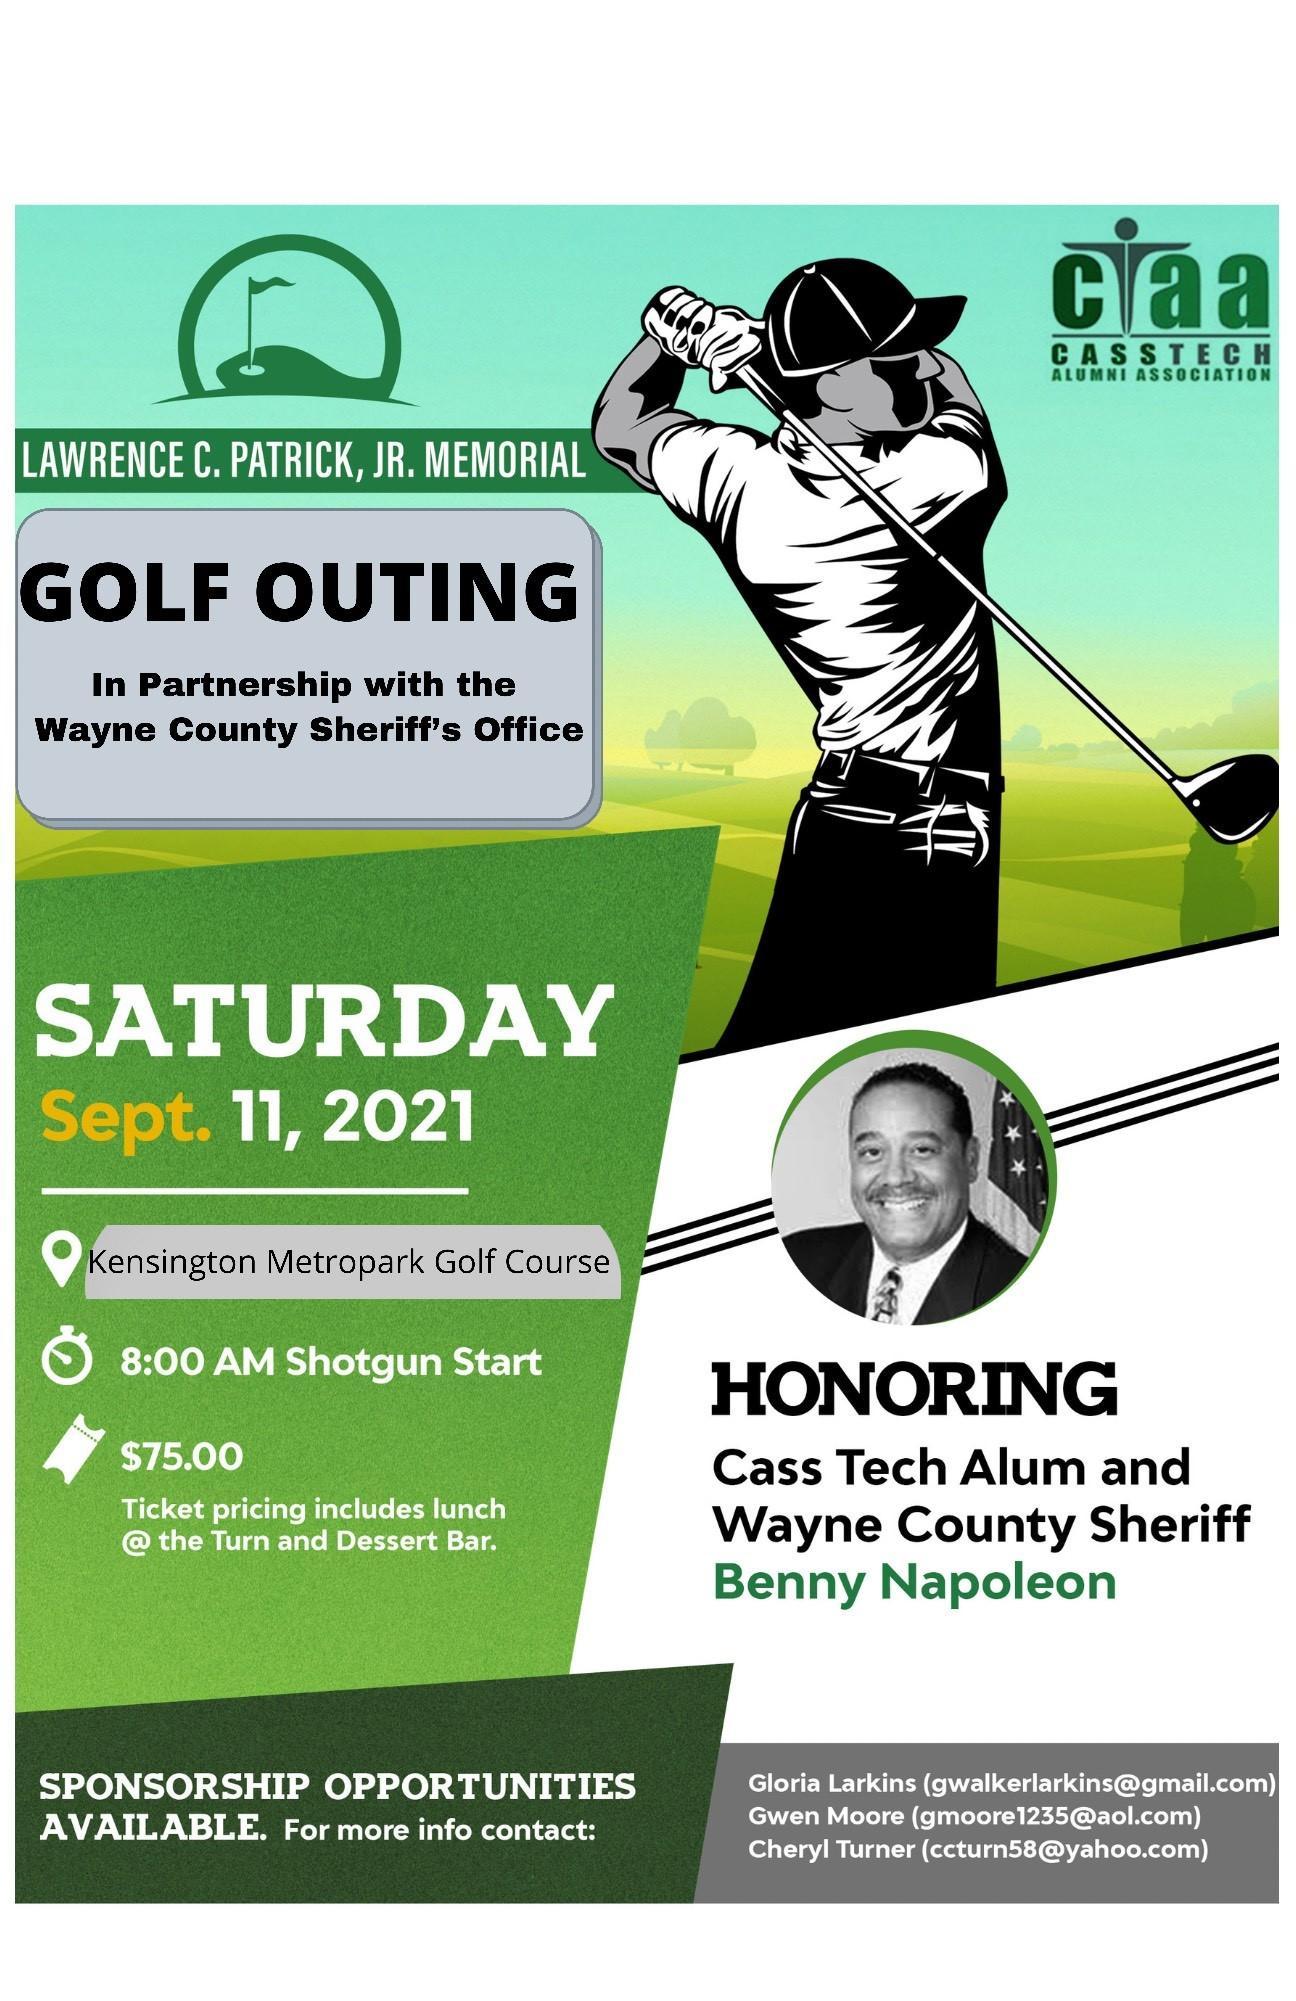 2021 Cass Tech Alumni Association Larry C. Patrick Memorial Golf Outing